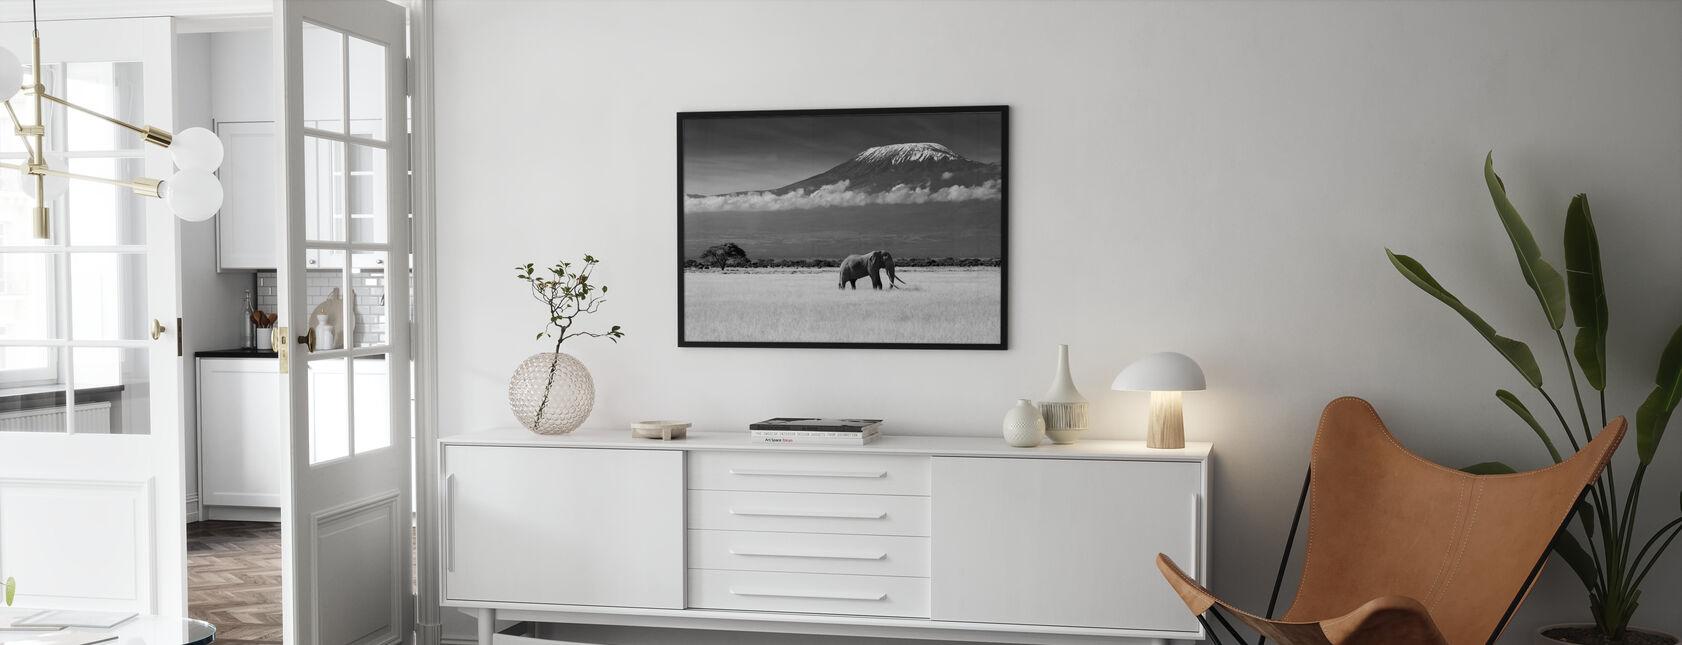 Elephant Landscape - Framed print - Living Room